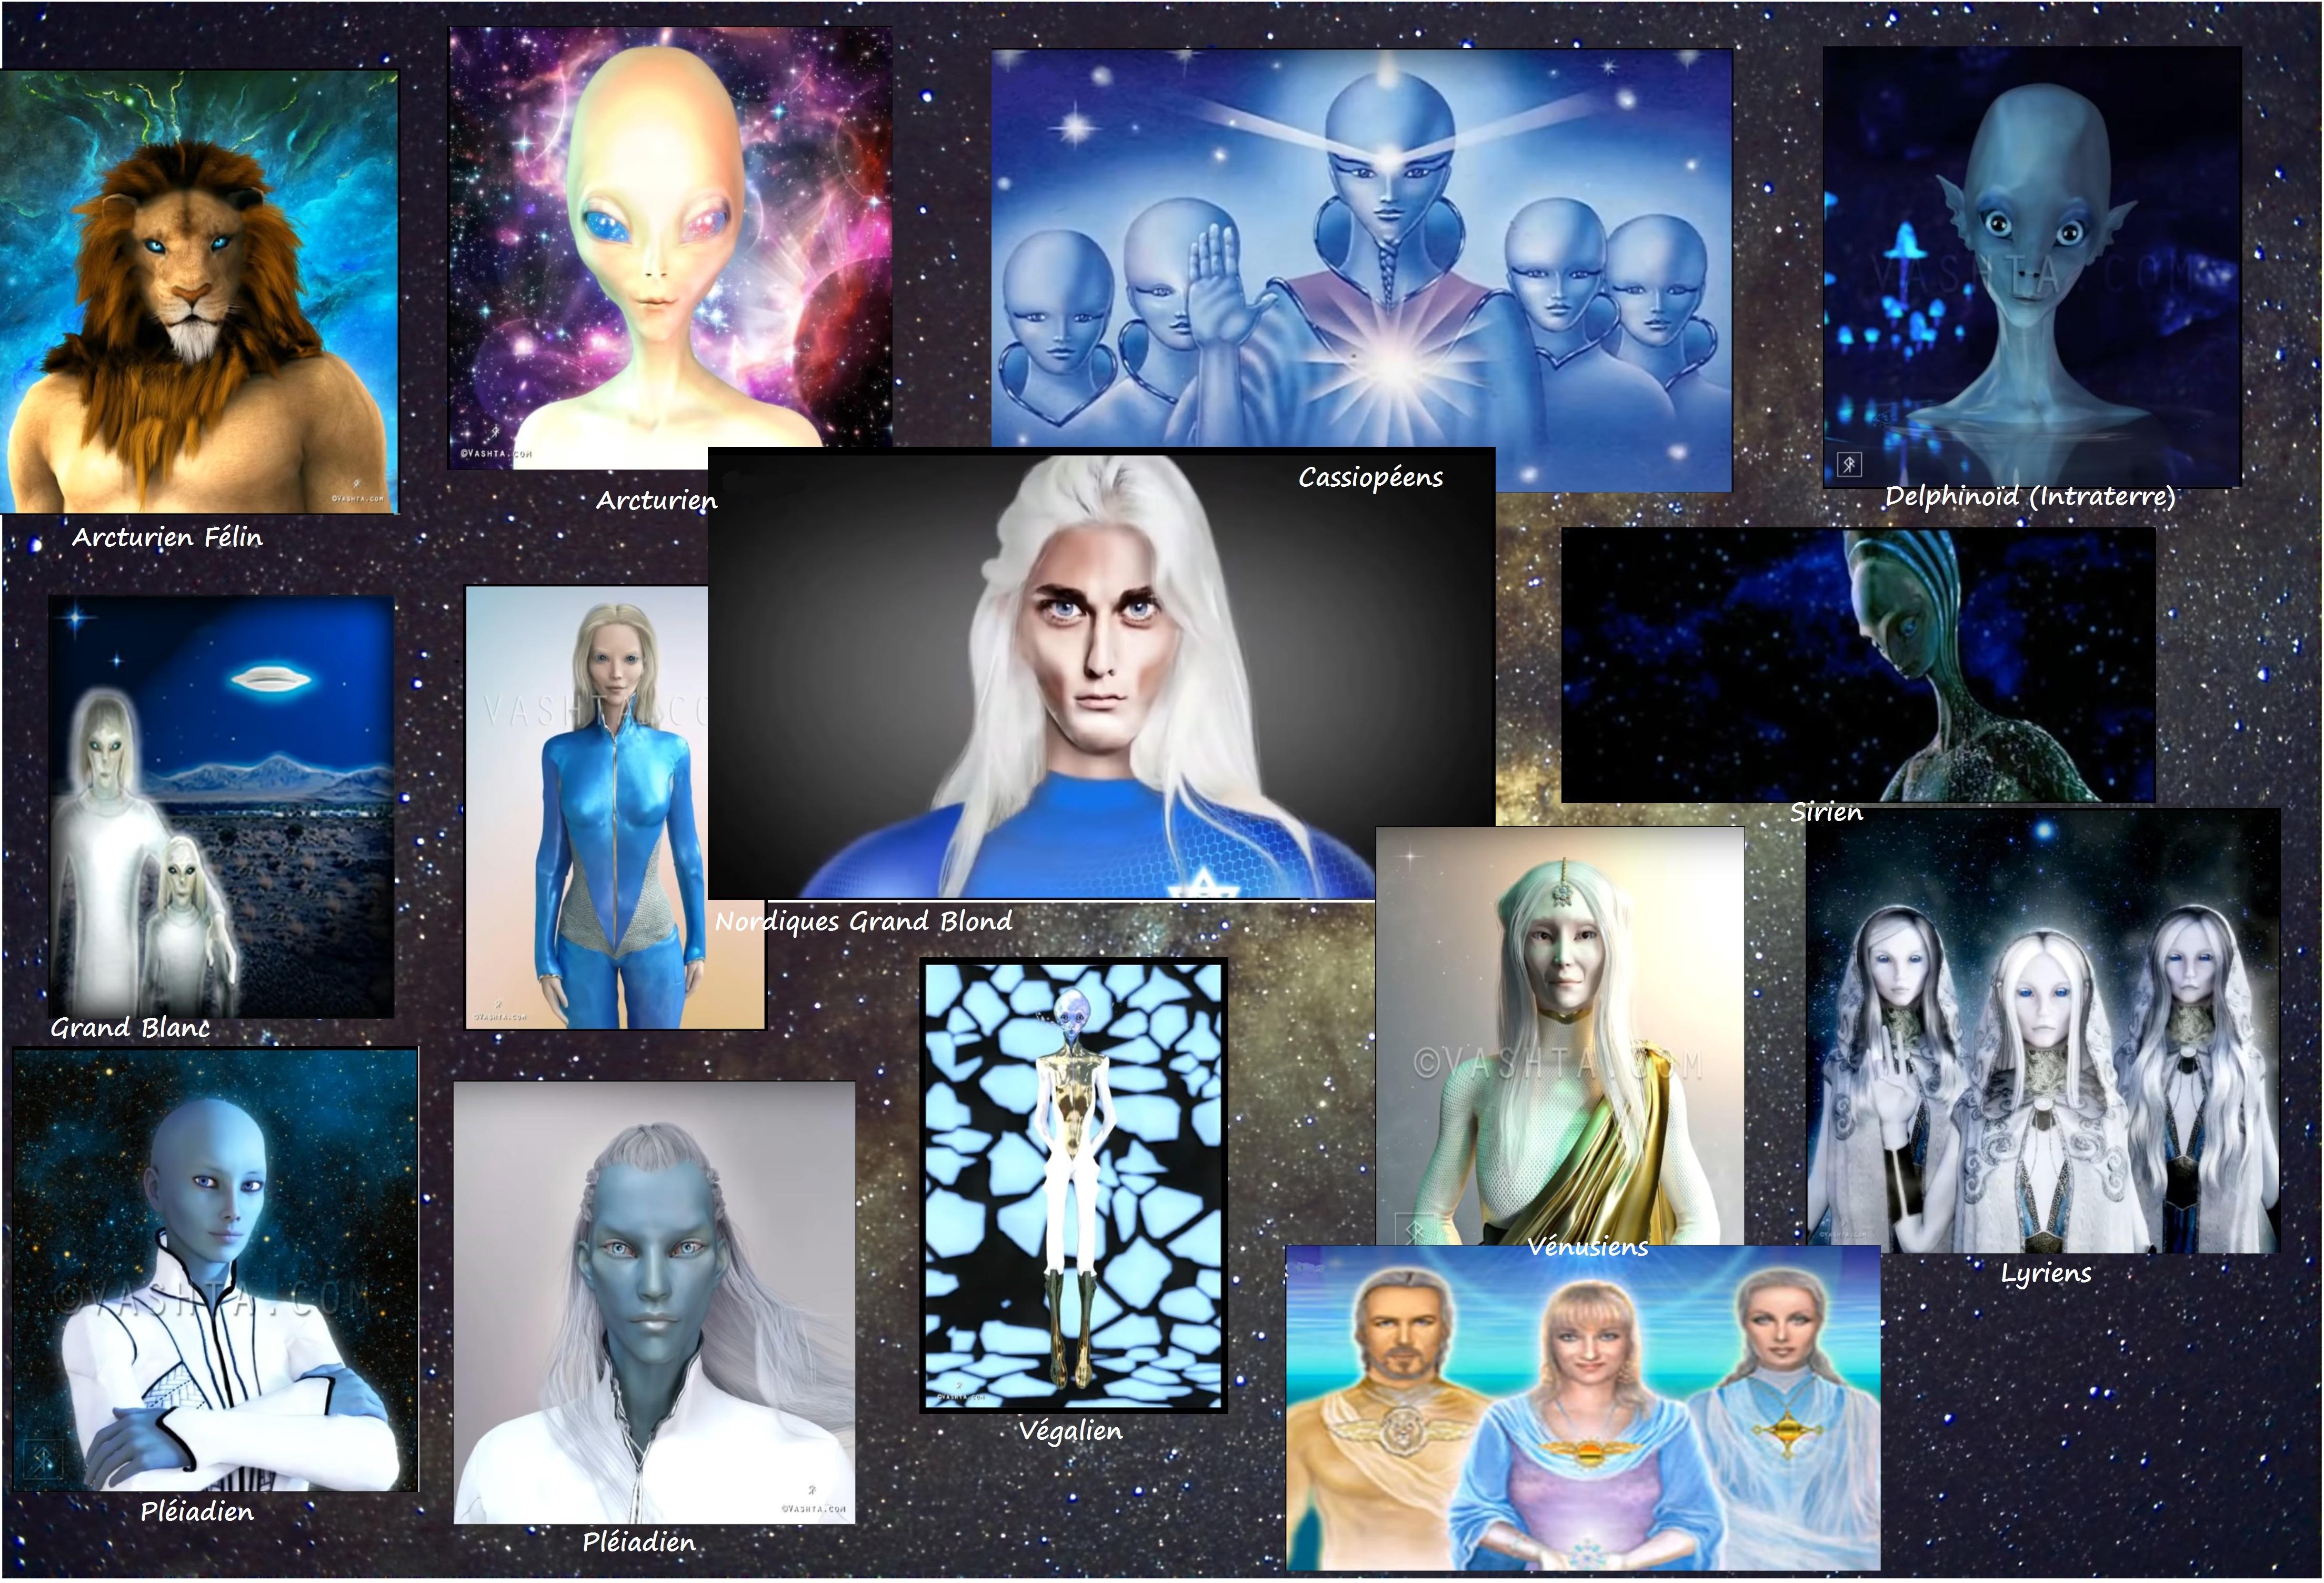 Tour d'horizon présentant de nombreux groupes extraterrestres et galactiques